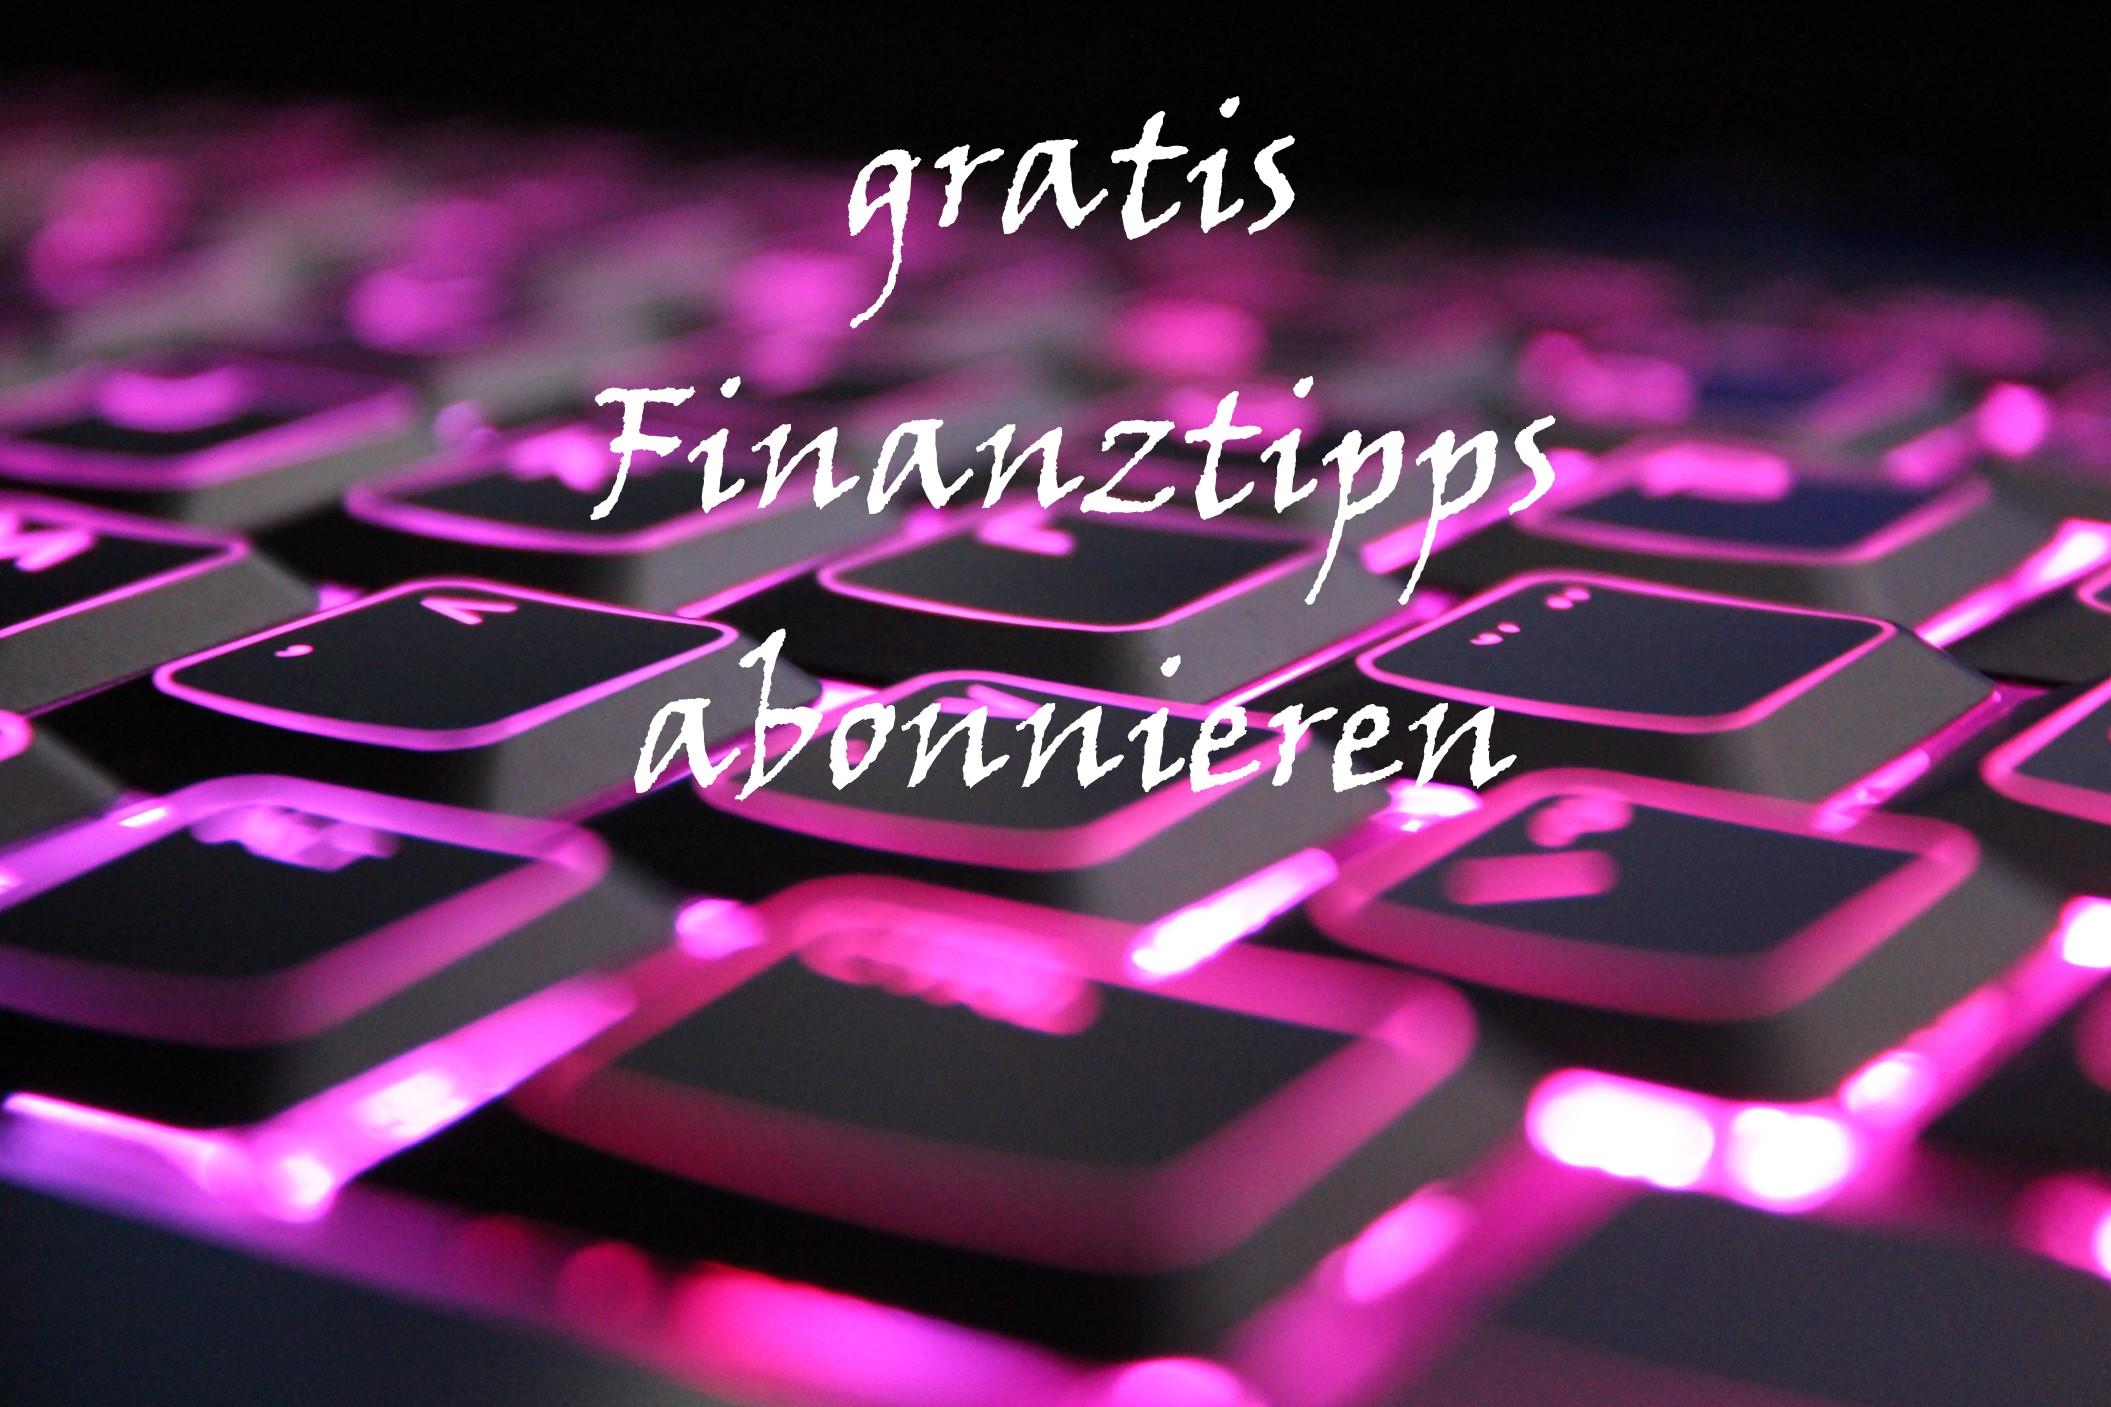 Finanztipps Newsletter